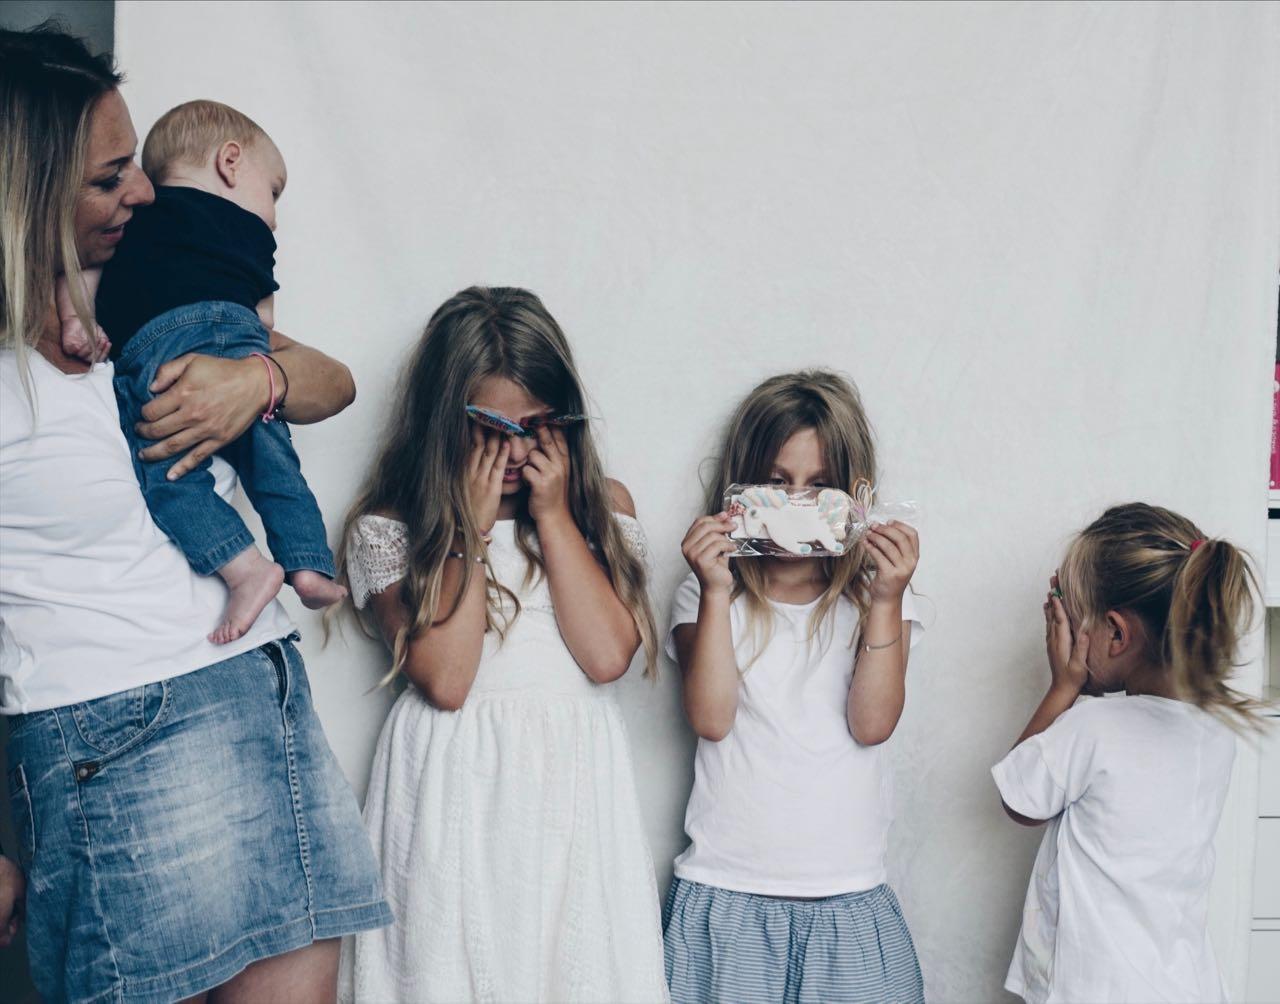 verreisen alleine mit vier Kindern mamawahnsinn